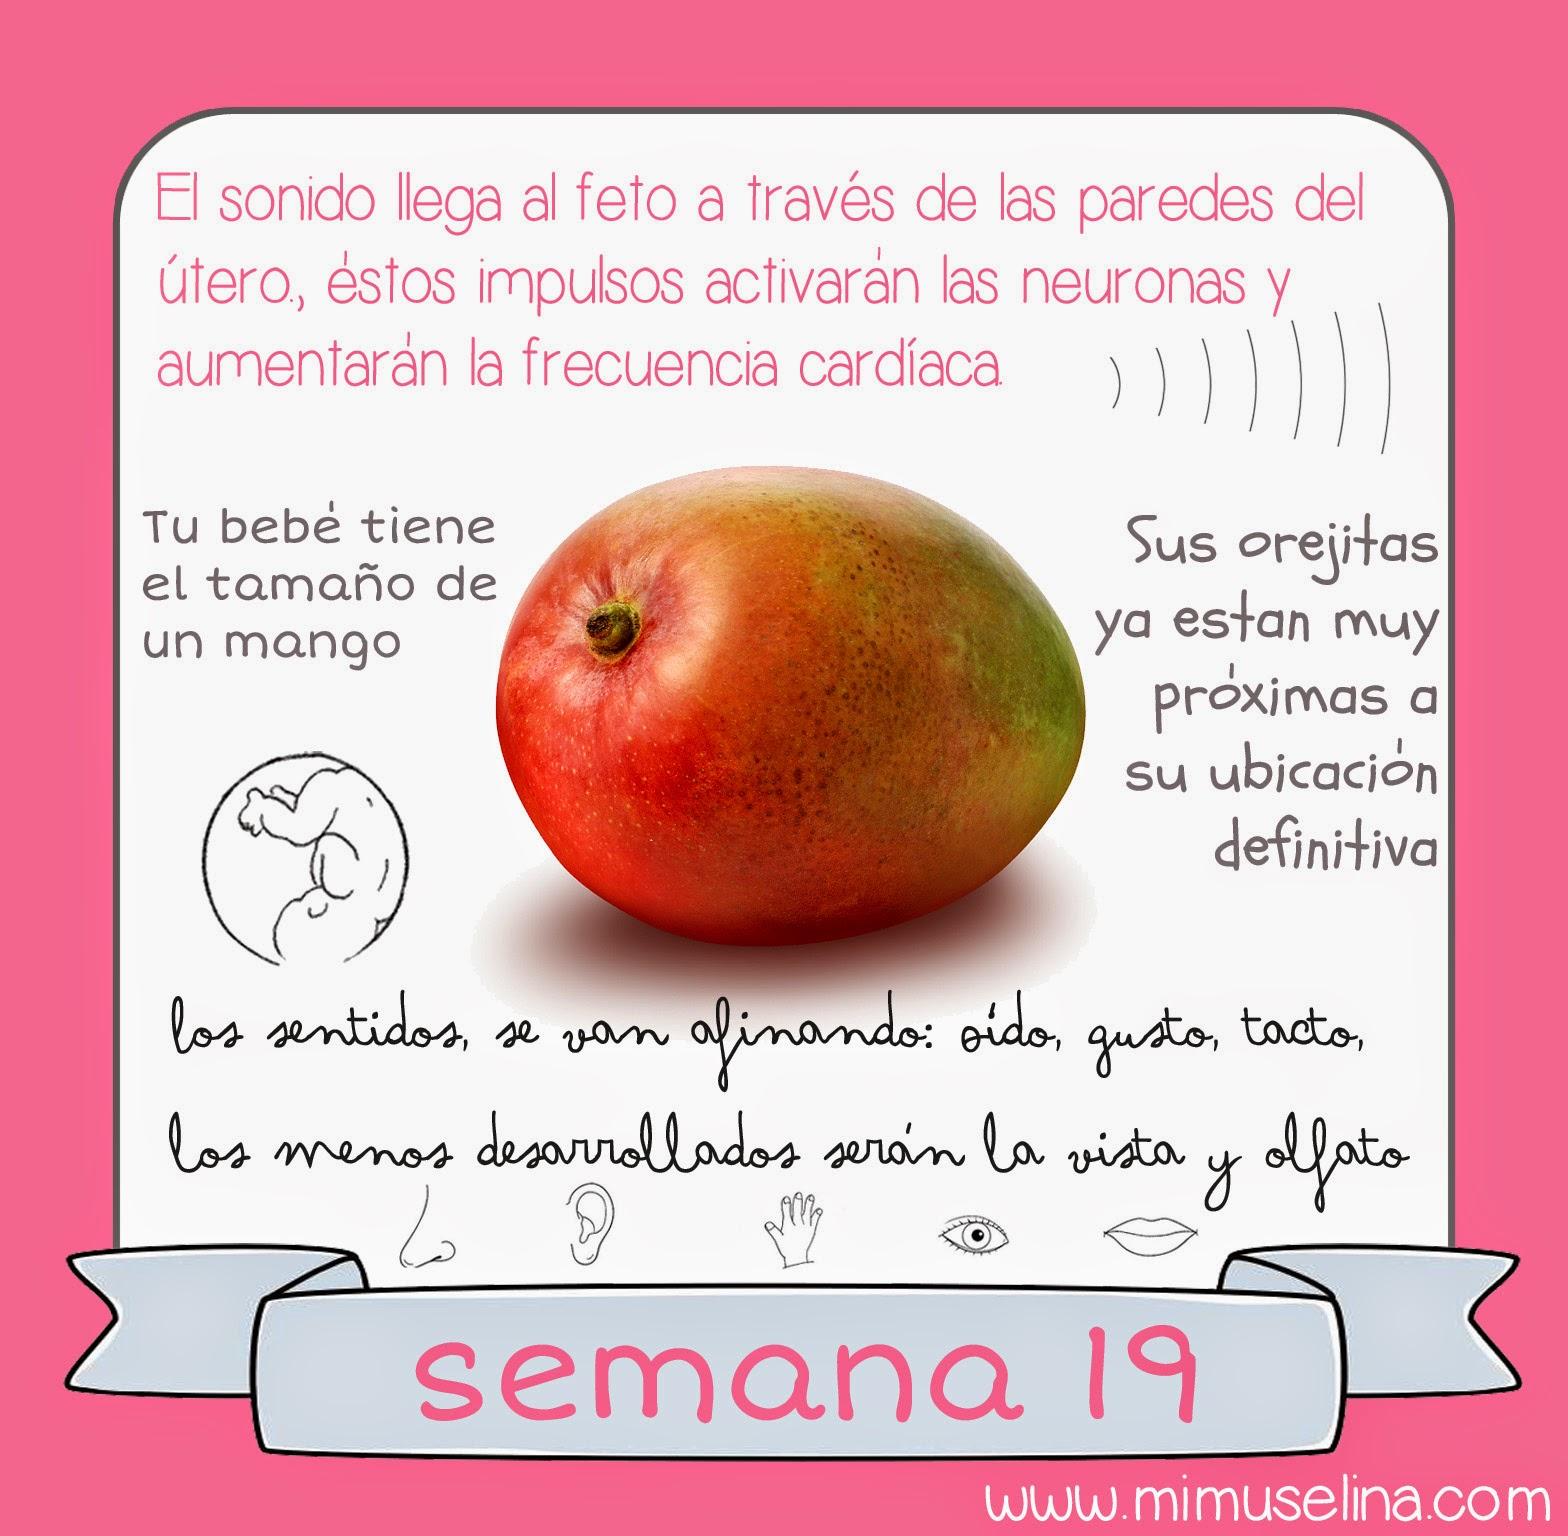 e01f678a0 BebeBlog by mimuselina  Semana 19 embarazo. Tamaño y evolución del ...